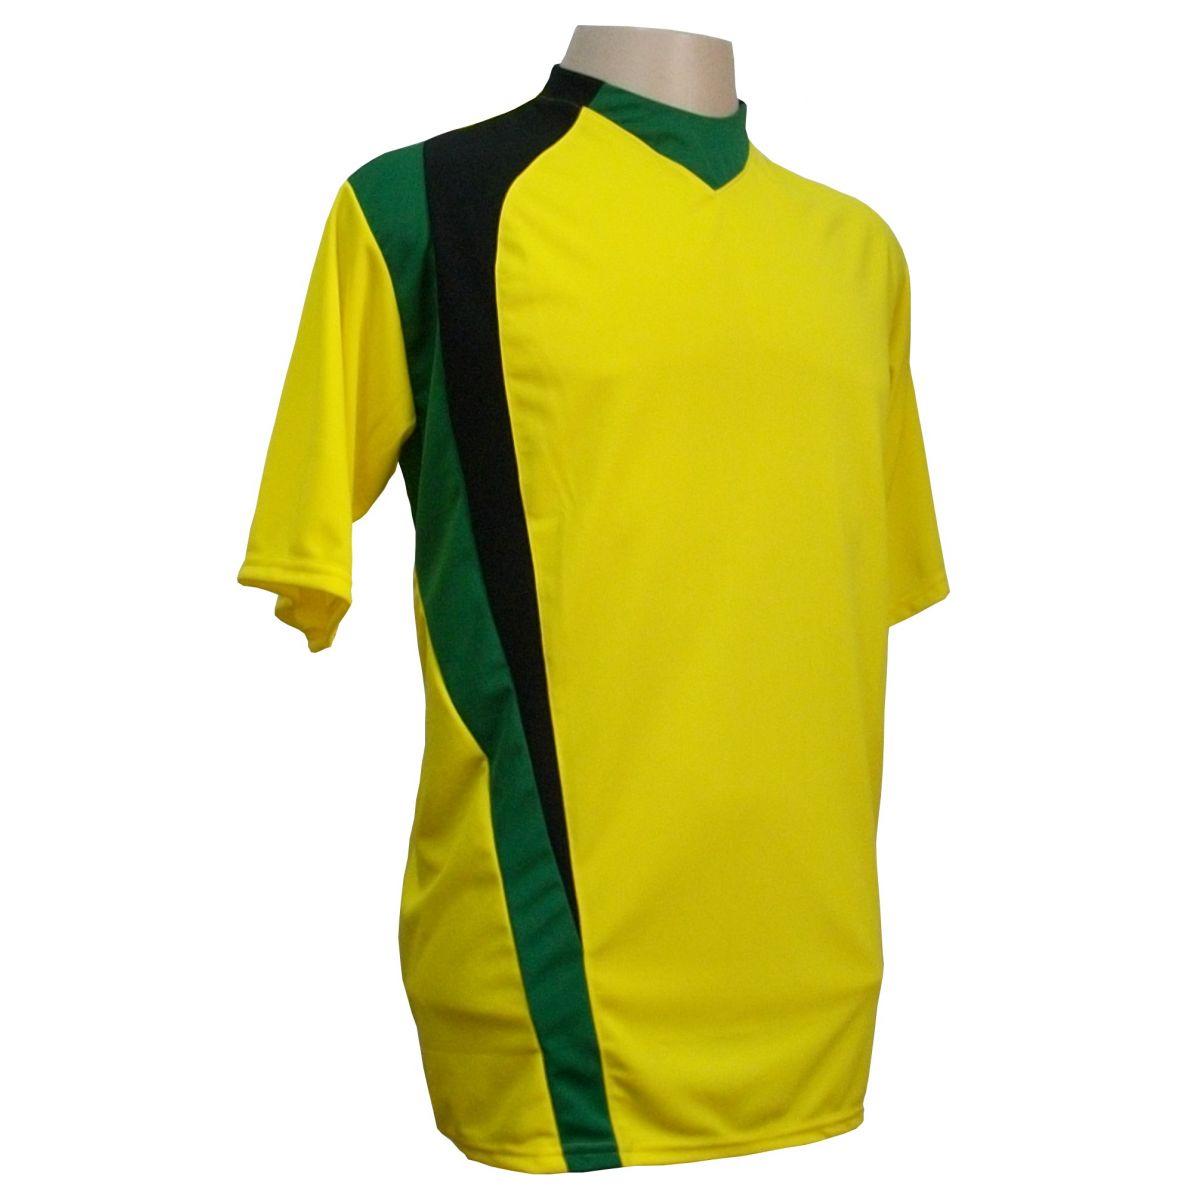 Jogo de Camisa com 14 unidades modelo PSG Amarelo/Preto/Verde + Brindes